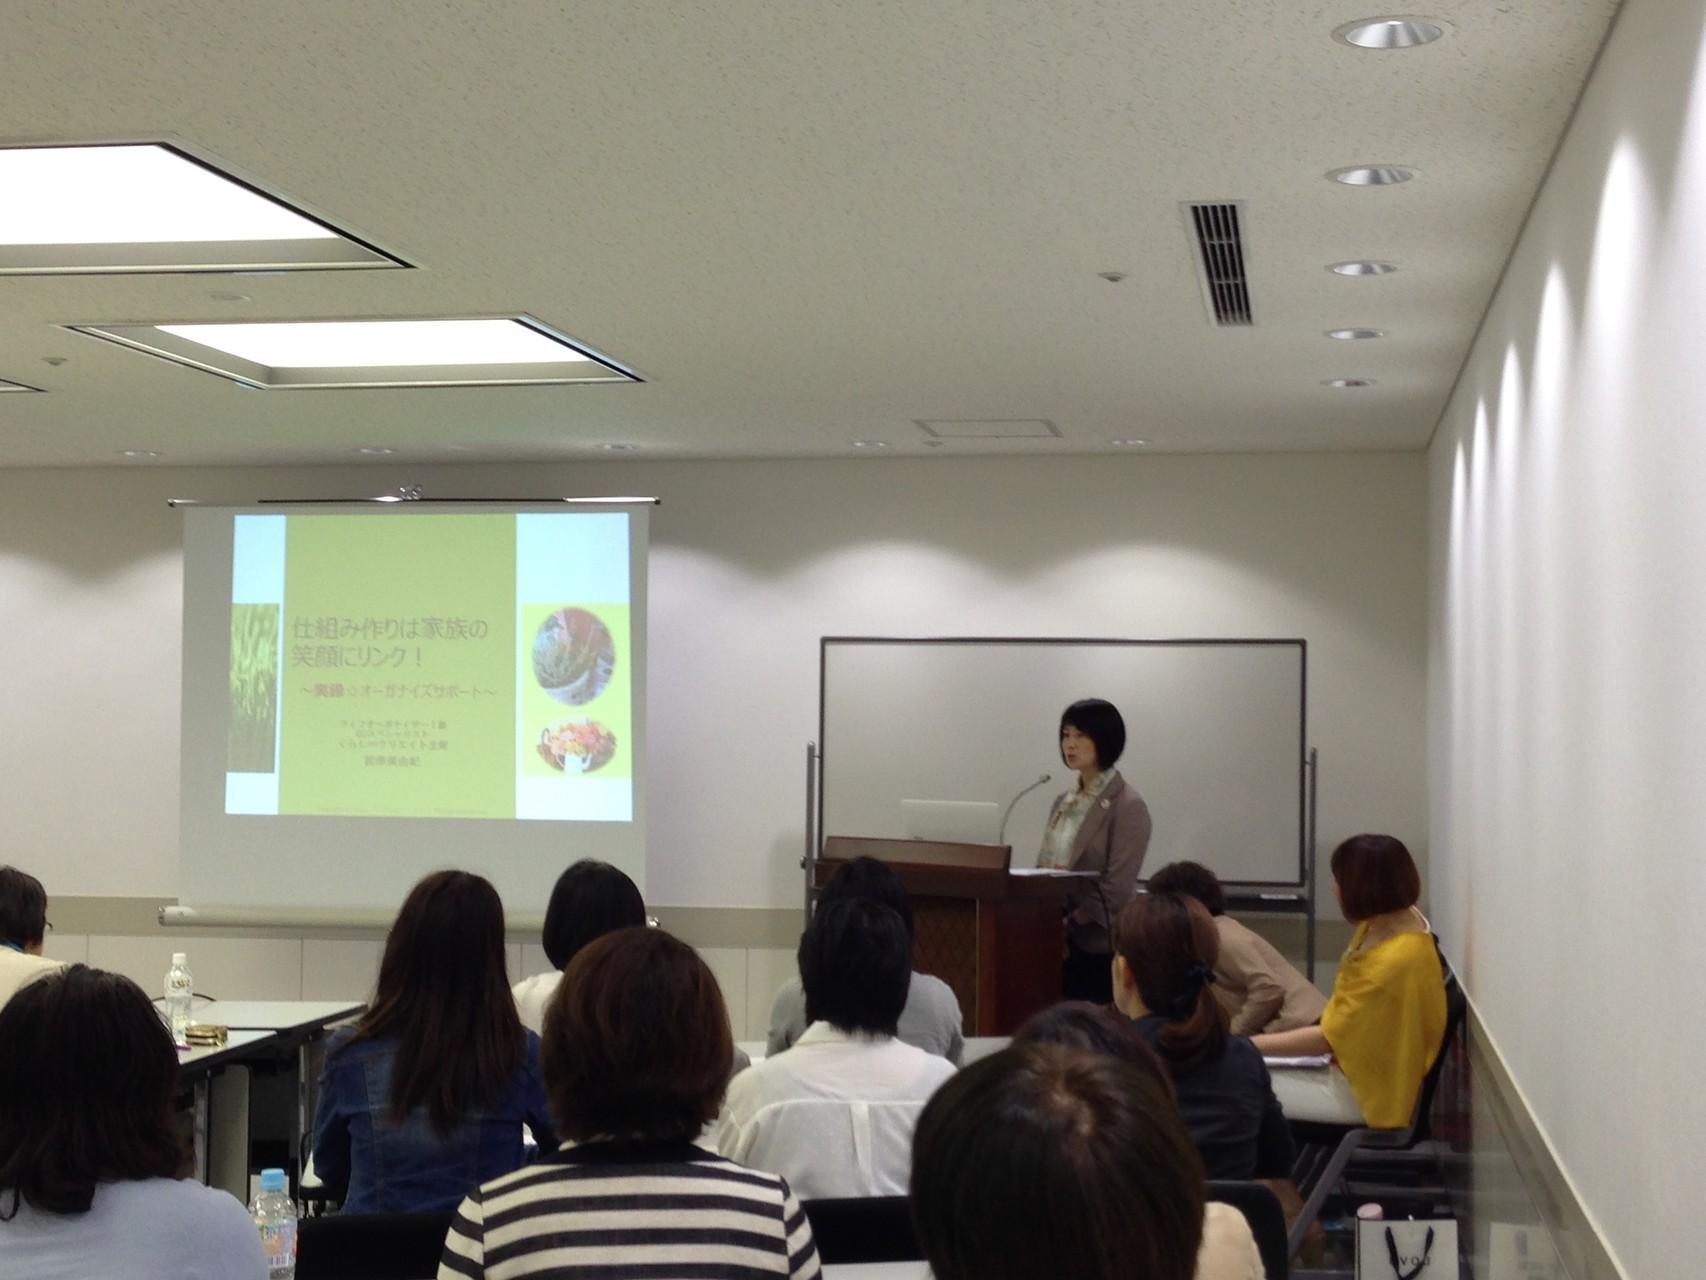 続いて、熊本LO託摩さんによる事例紹介